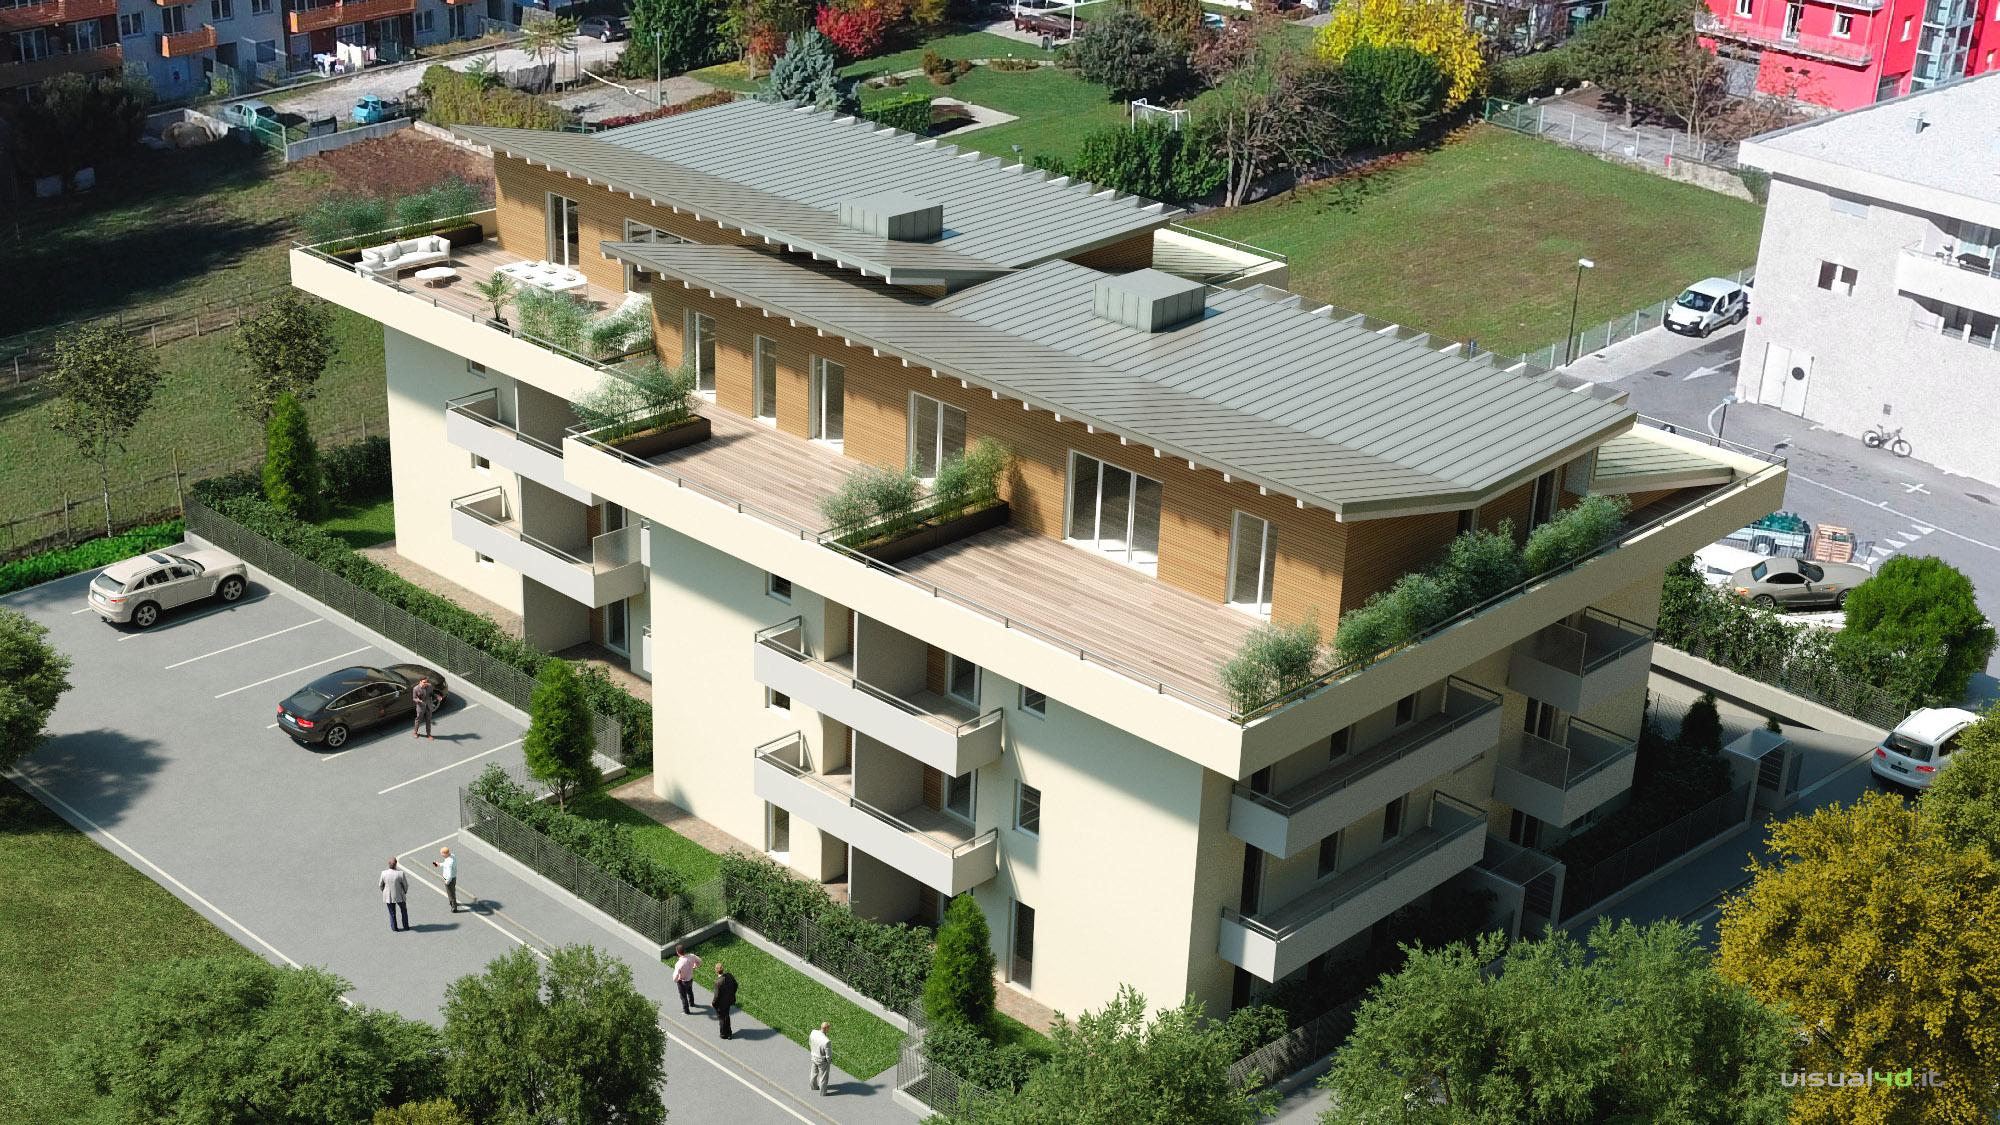 Nuova palazzina a MORI – Residenza Mori2 | Mori, Via del Garda